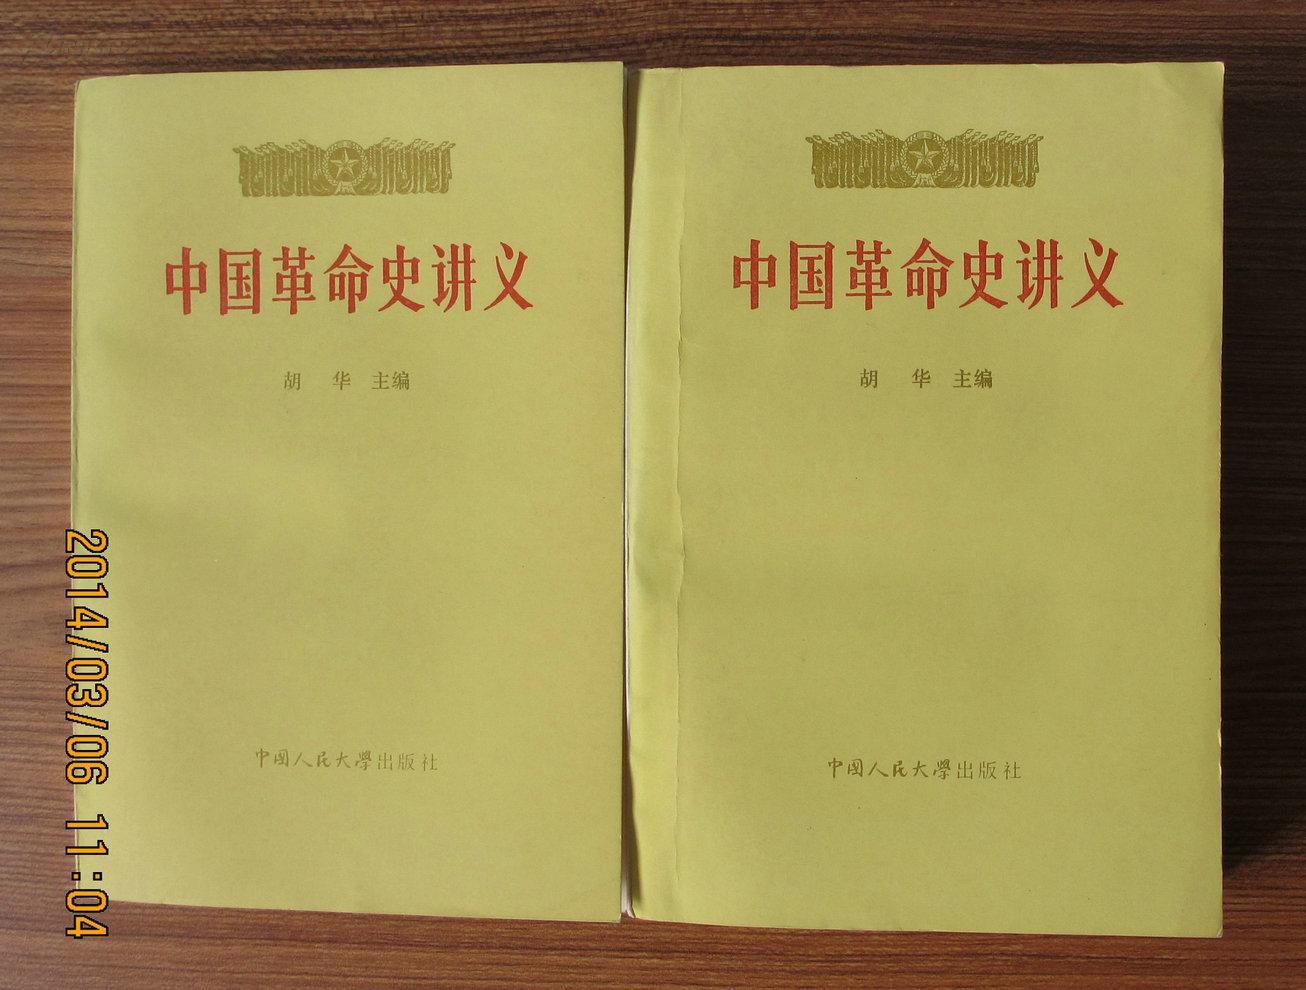 中国革命史讲义(上、下册)